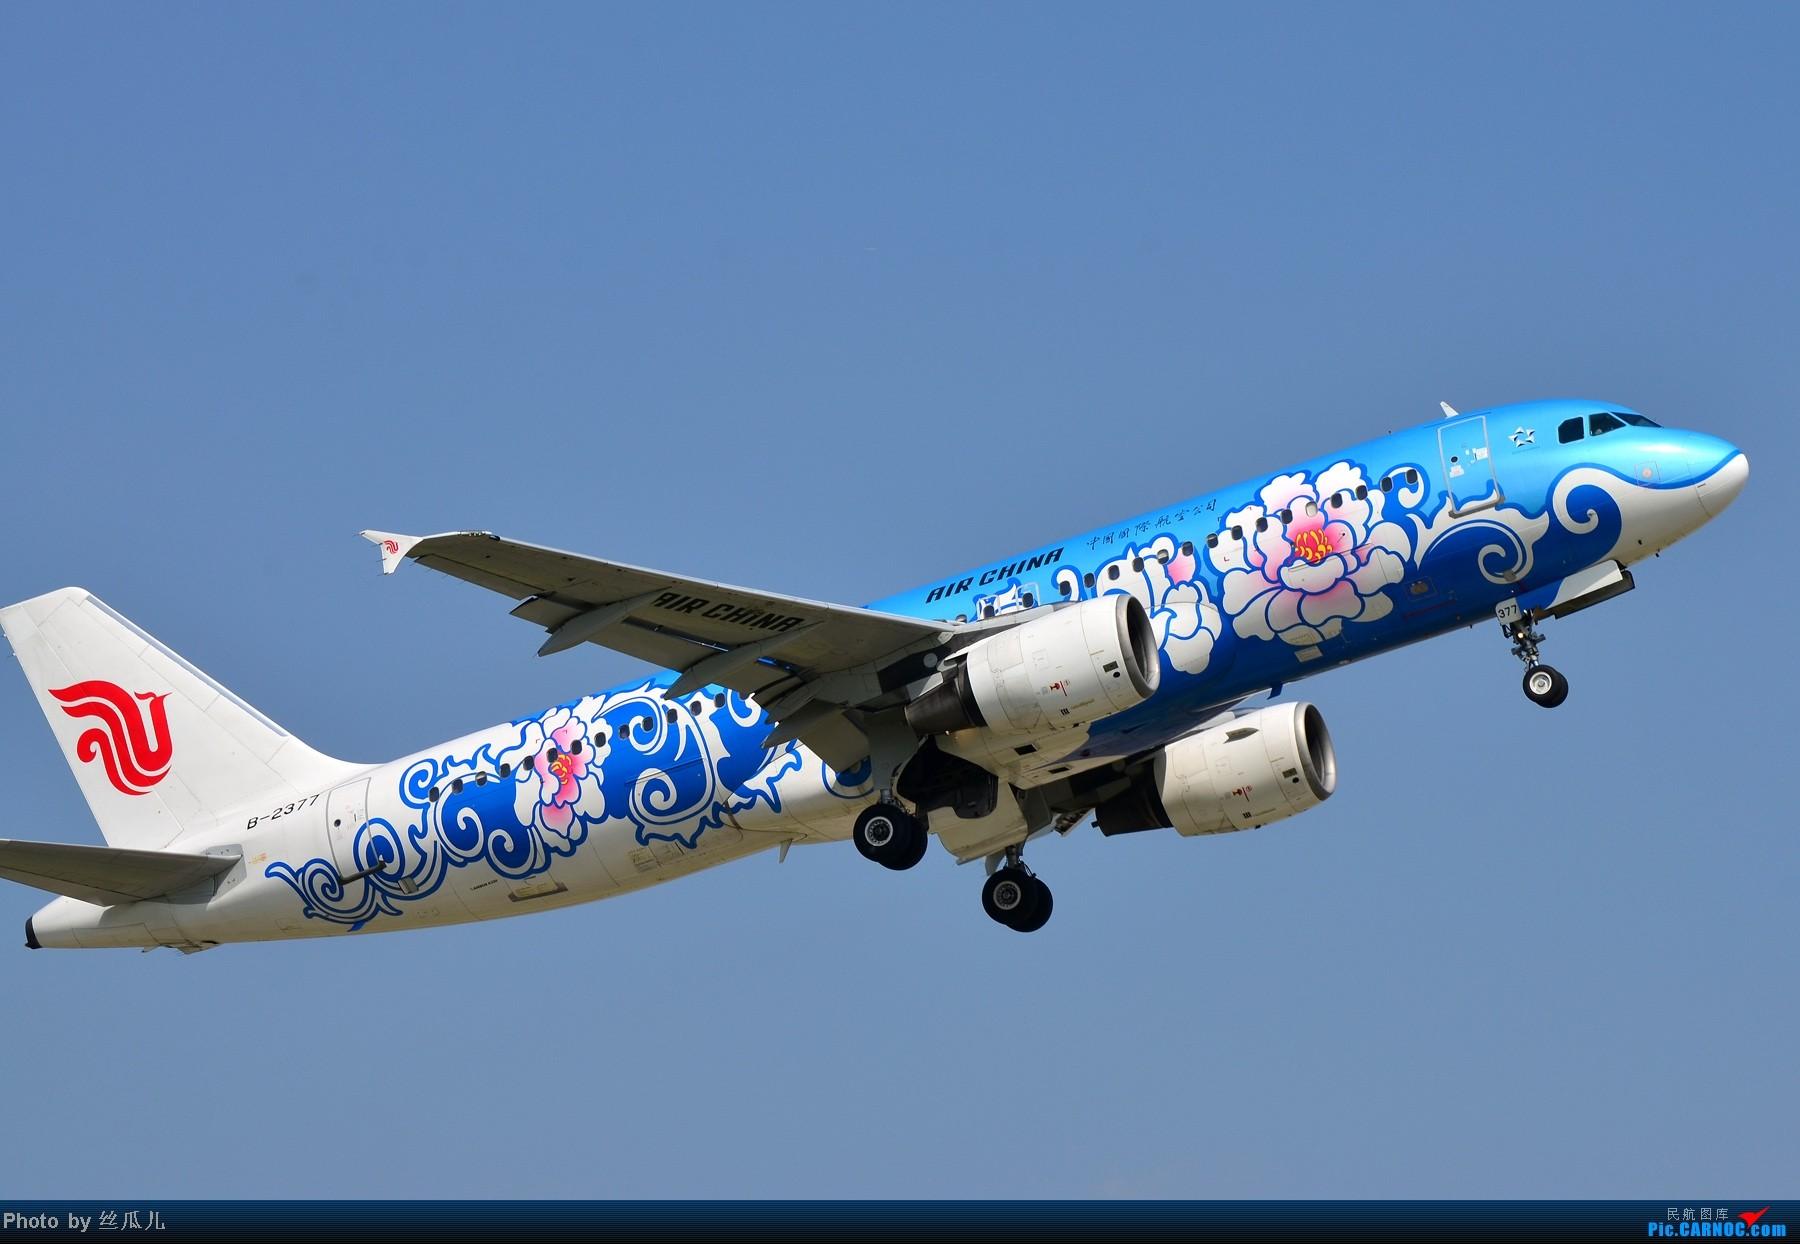 Re:[原创]难得一见的干净,HGH的干净天空、擦航的干净飞机,两者均属人间奇迹 AIRBUS A320-200 B-2377 中国杭州萧山机场